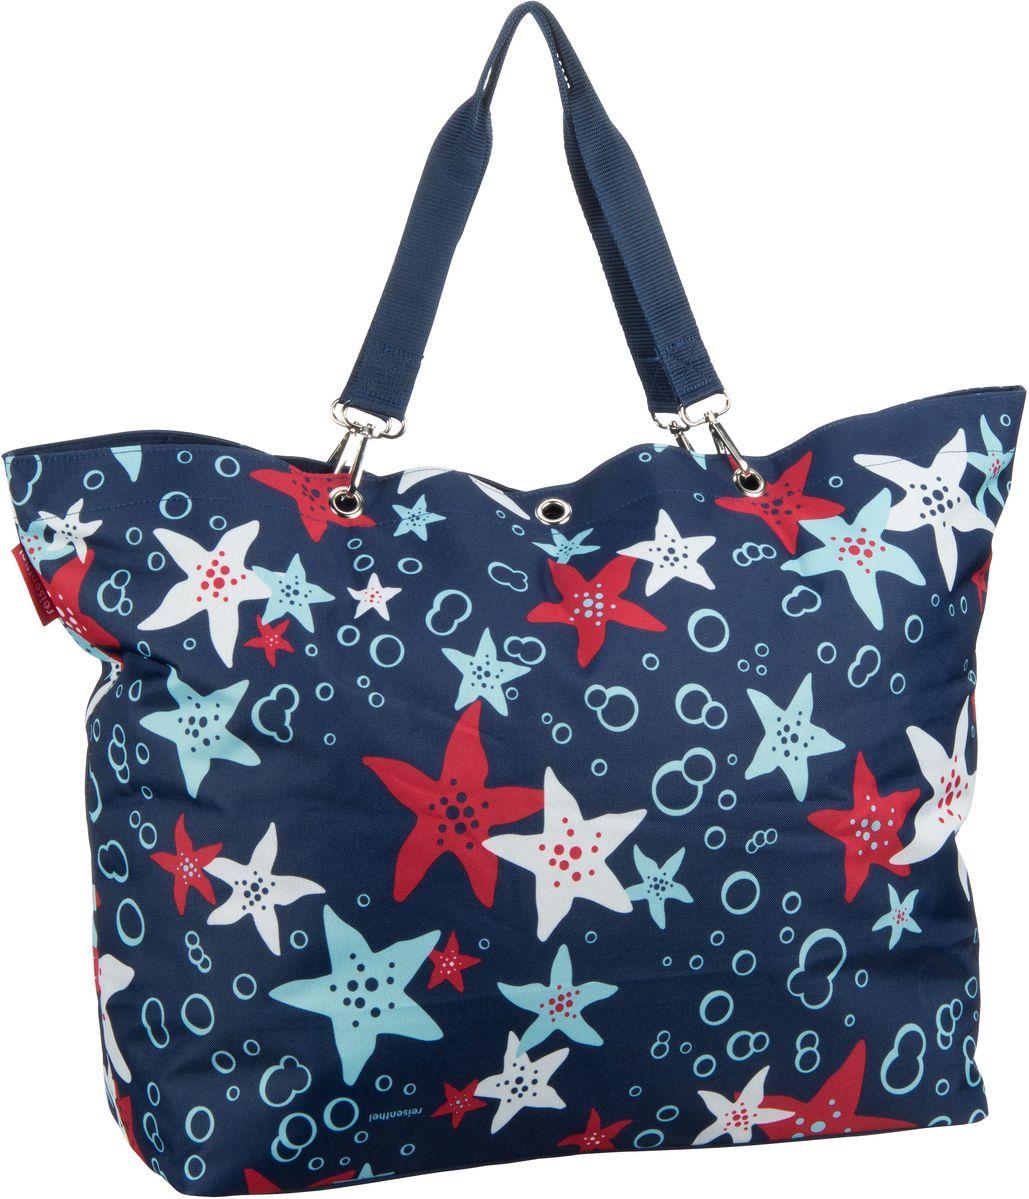 reisenthel shopper XL Aquarius - Einkaufstasche